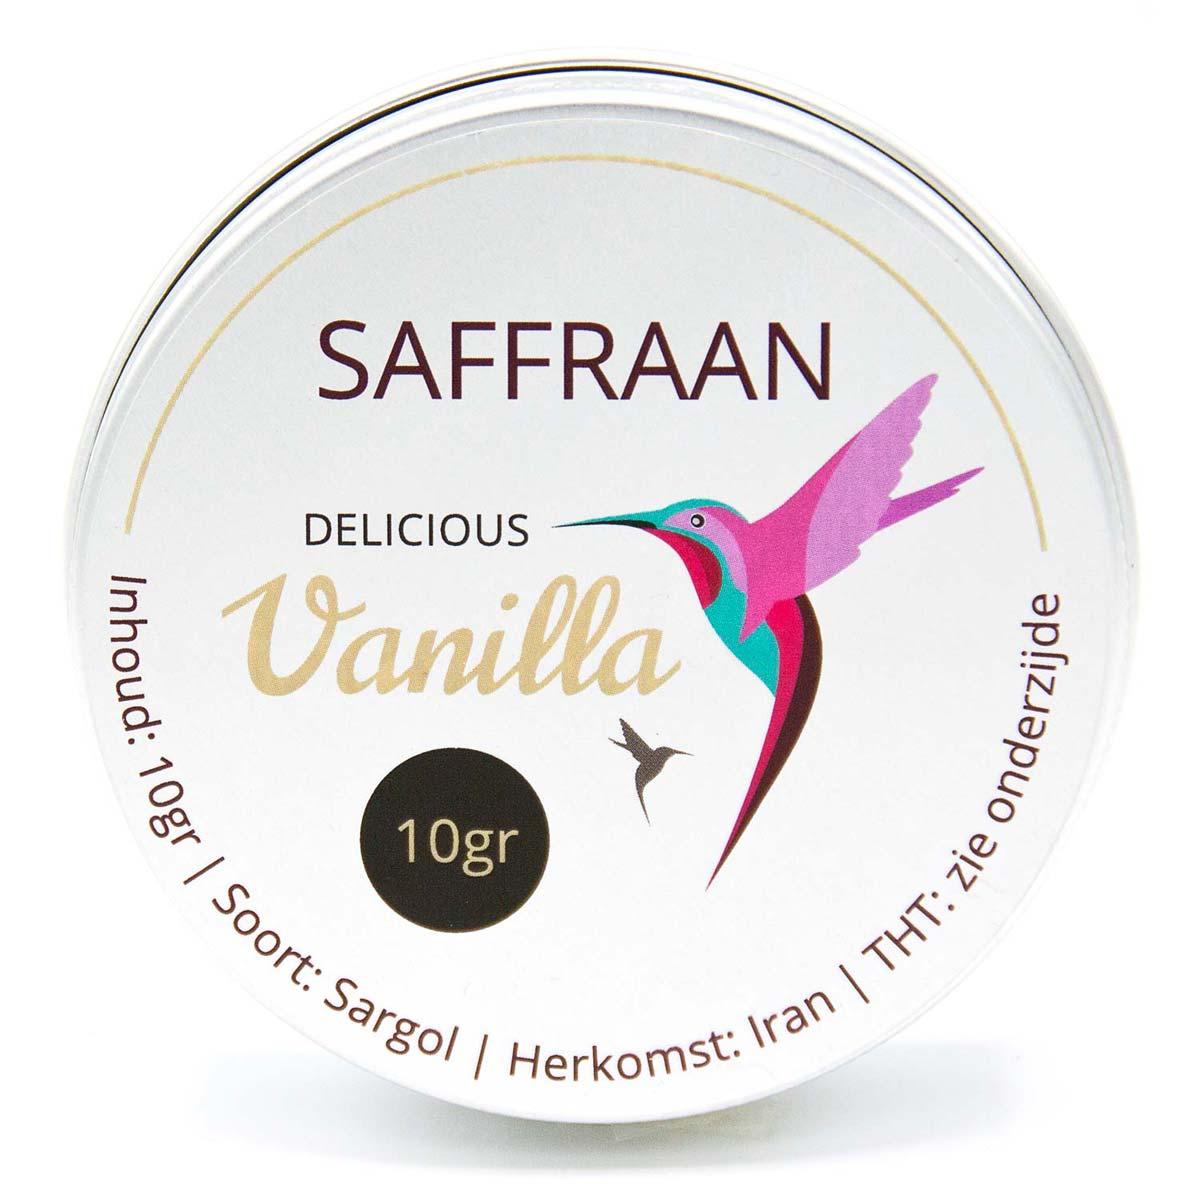 saffraan draden sargol 10 gram